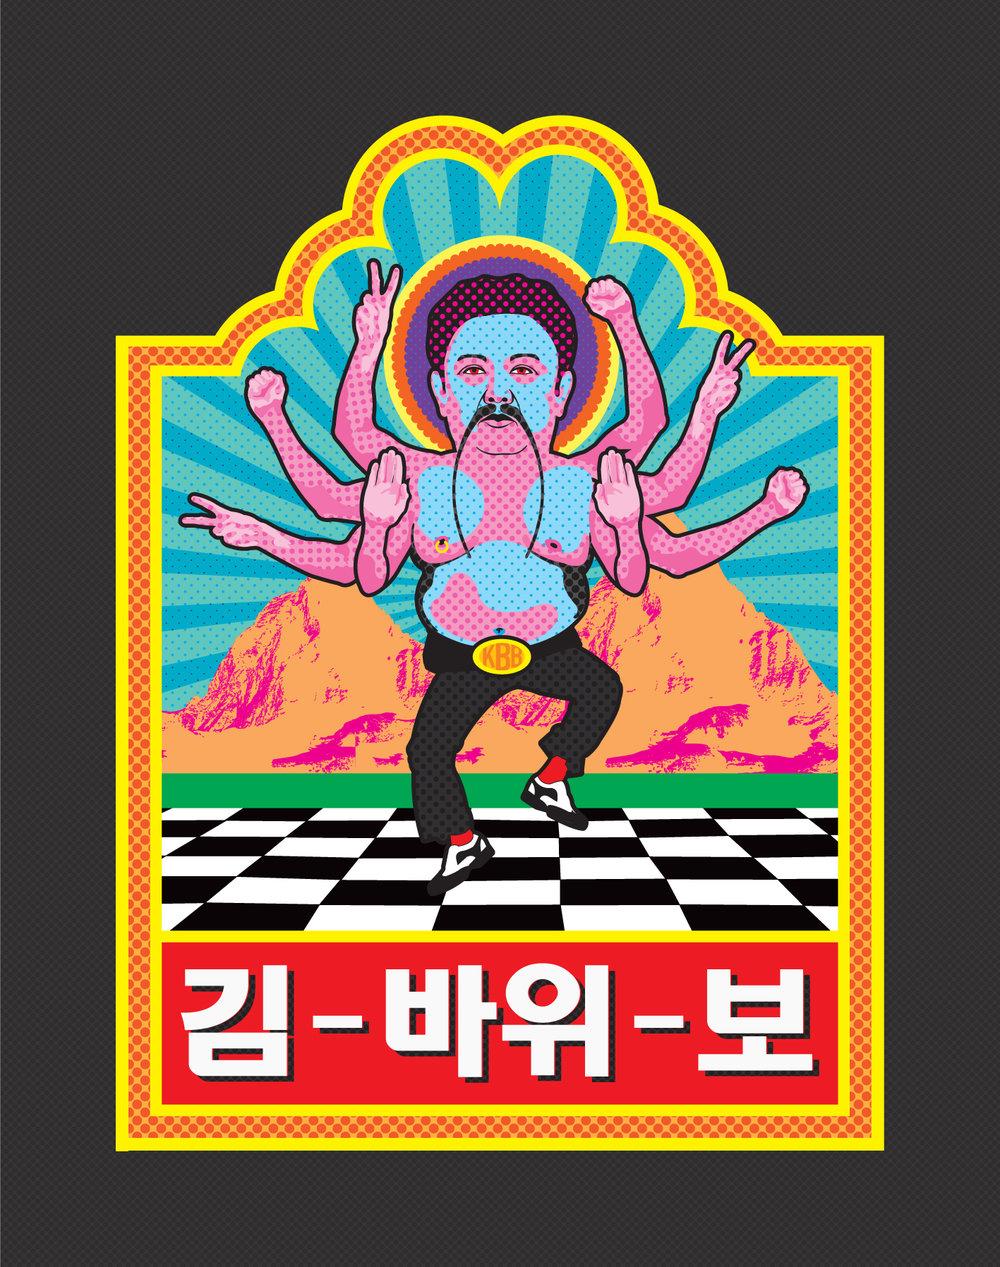 'Kim Kai Bo' for the Kai Bai Bo exhibition. New York, 2013